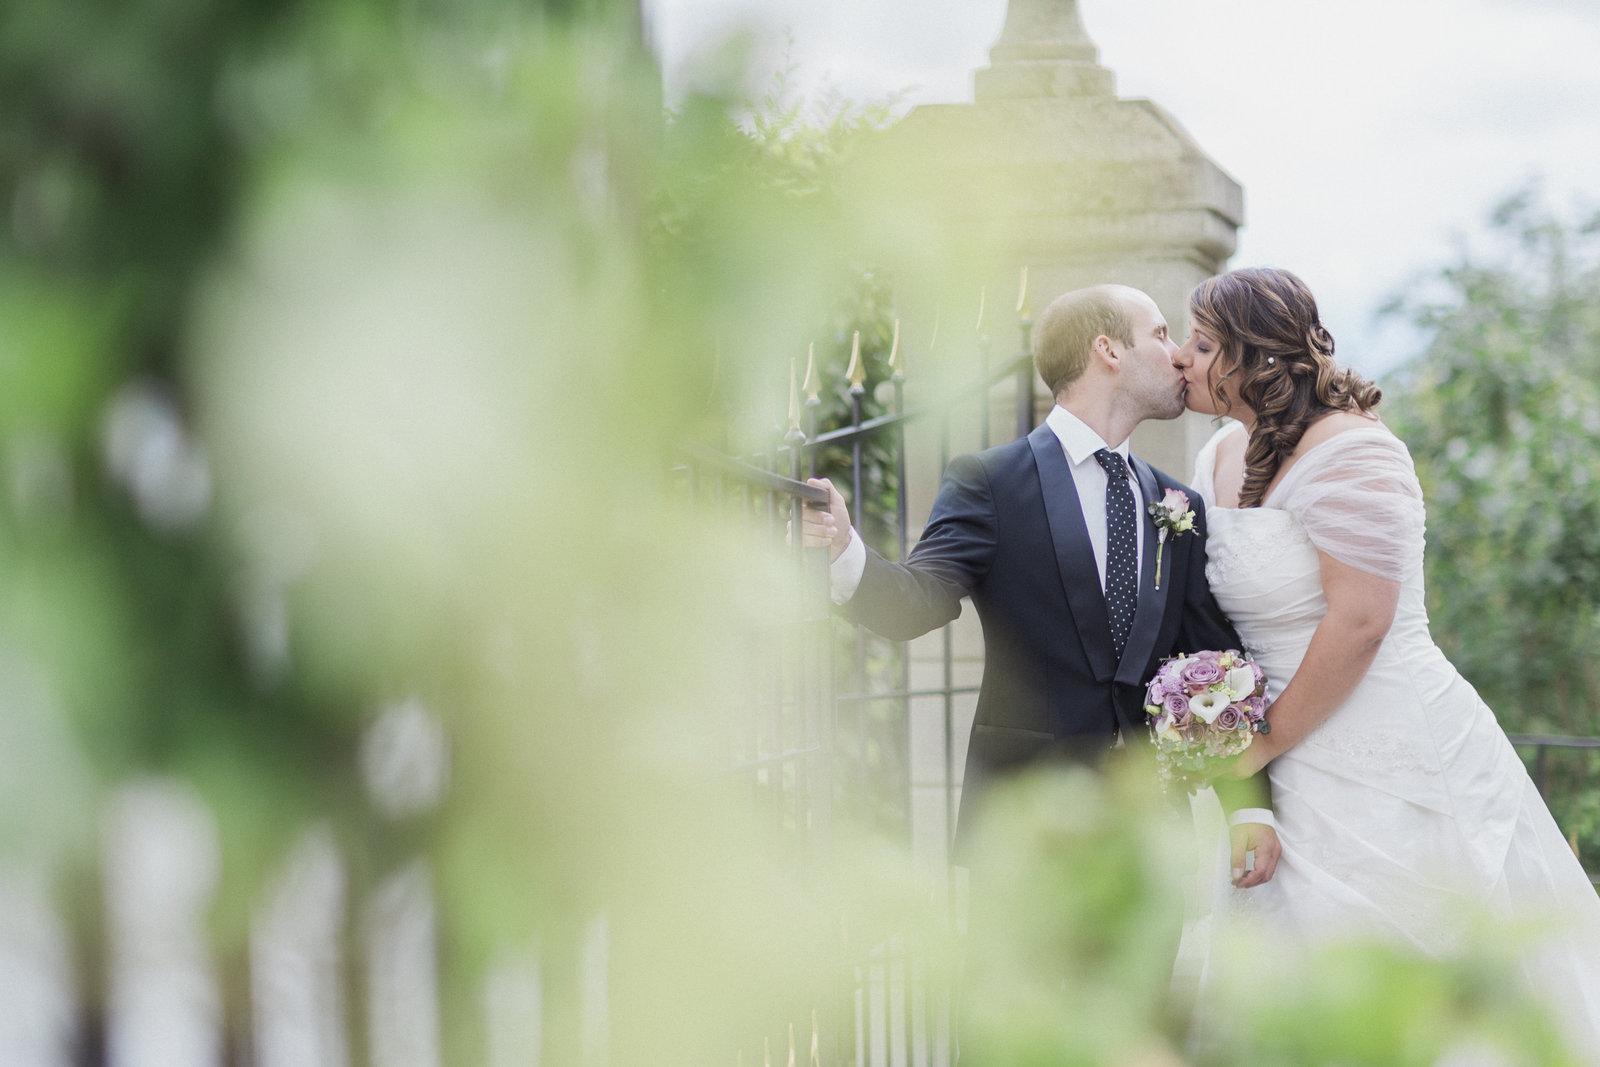 Brautpaarfotos, Hochzeitsfotograf Bern,  Hochzeitsbilder, Heiraten